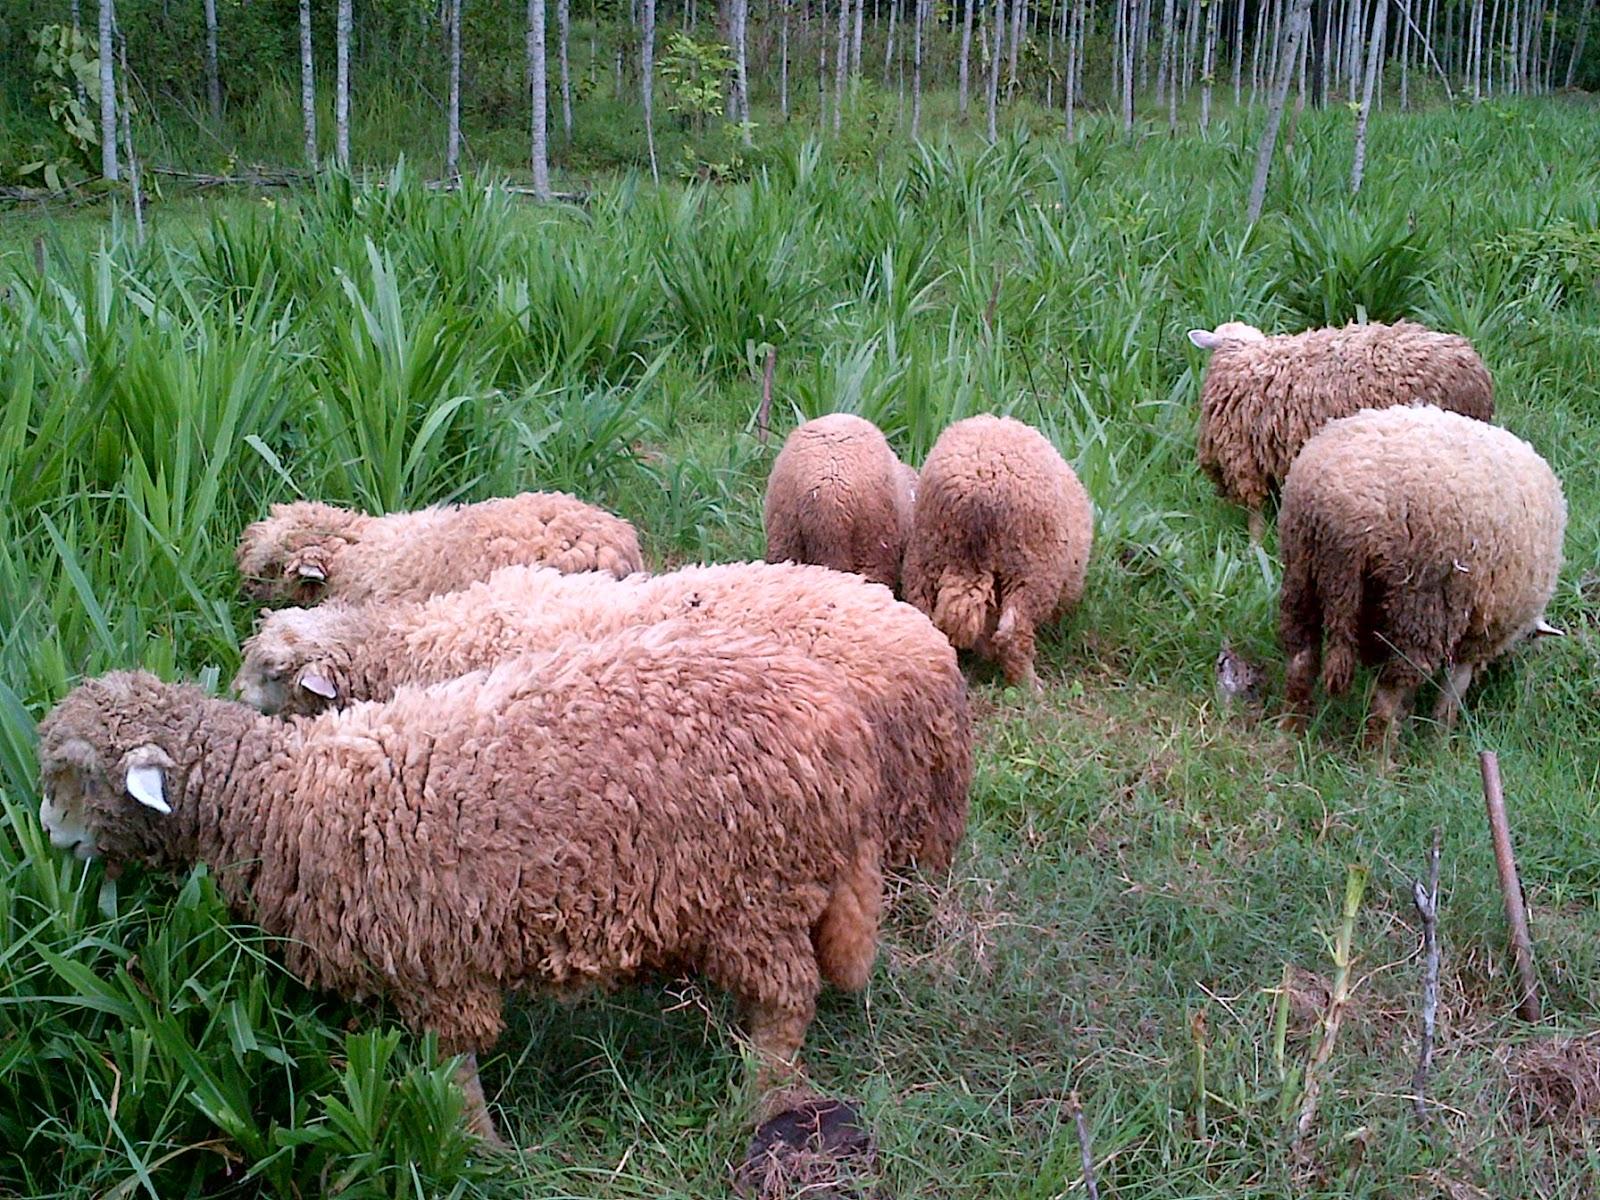 Jual Domba Merino - Peternakan Domba Merino - Budidaya Domba Merino 9ae431f557